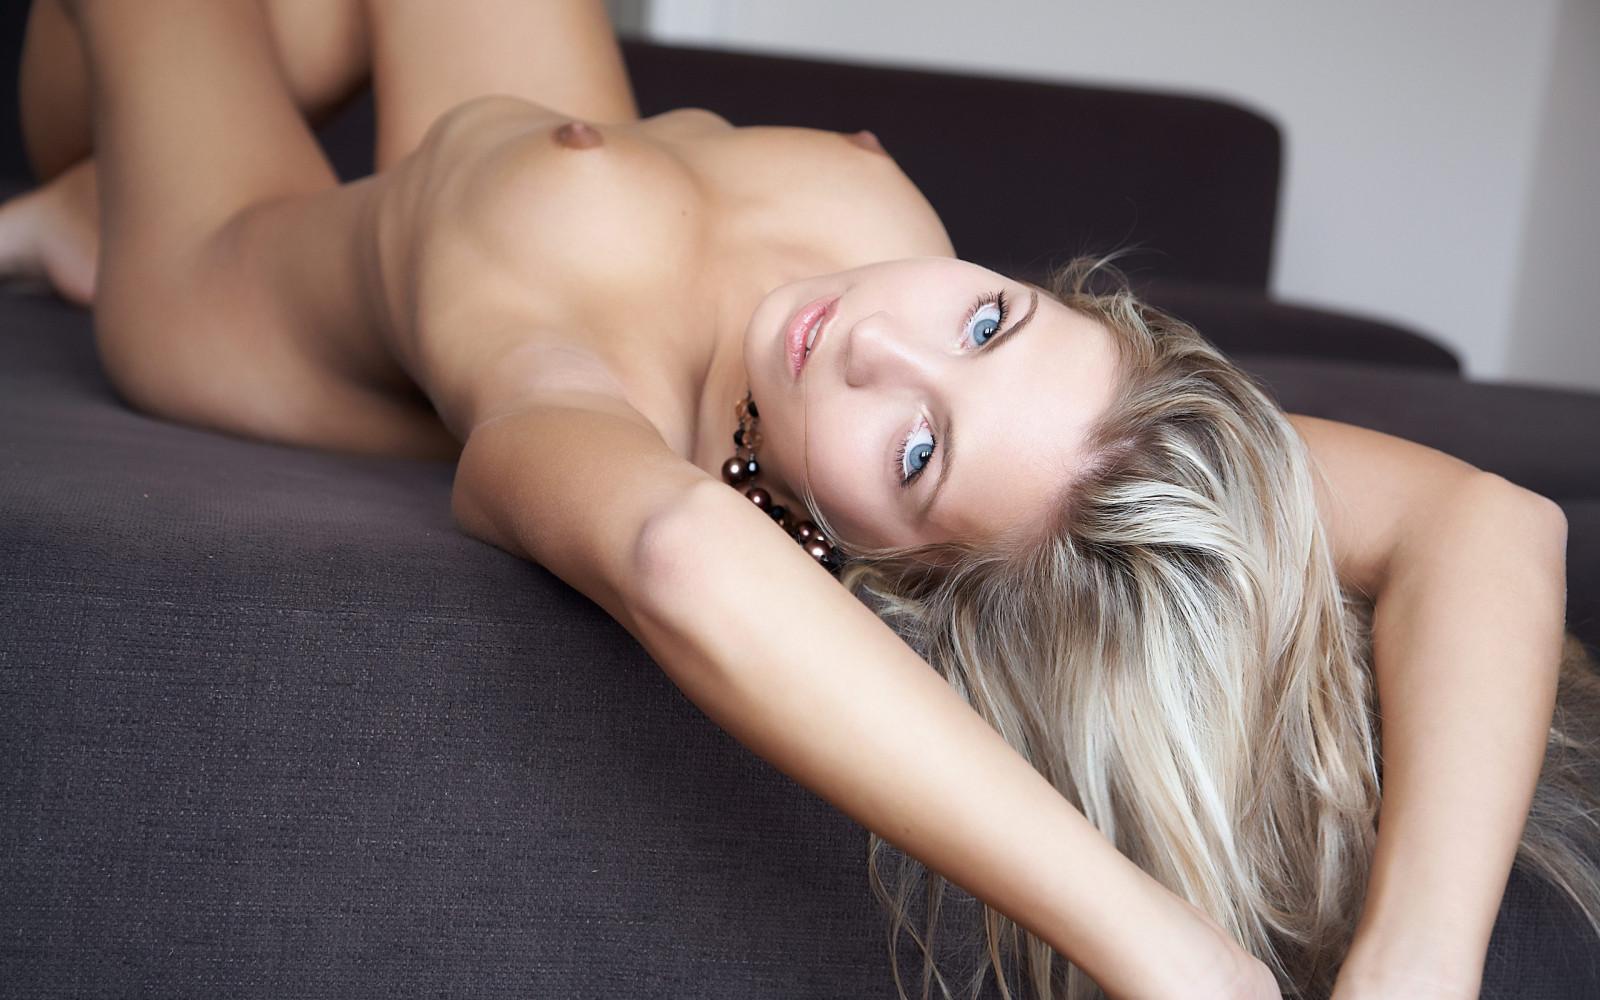 Голые высококачественные фото девушек — img 11